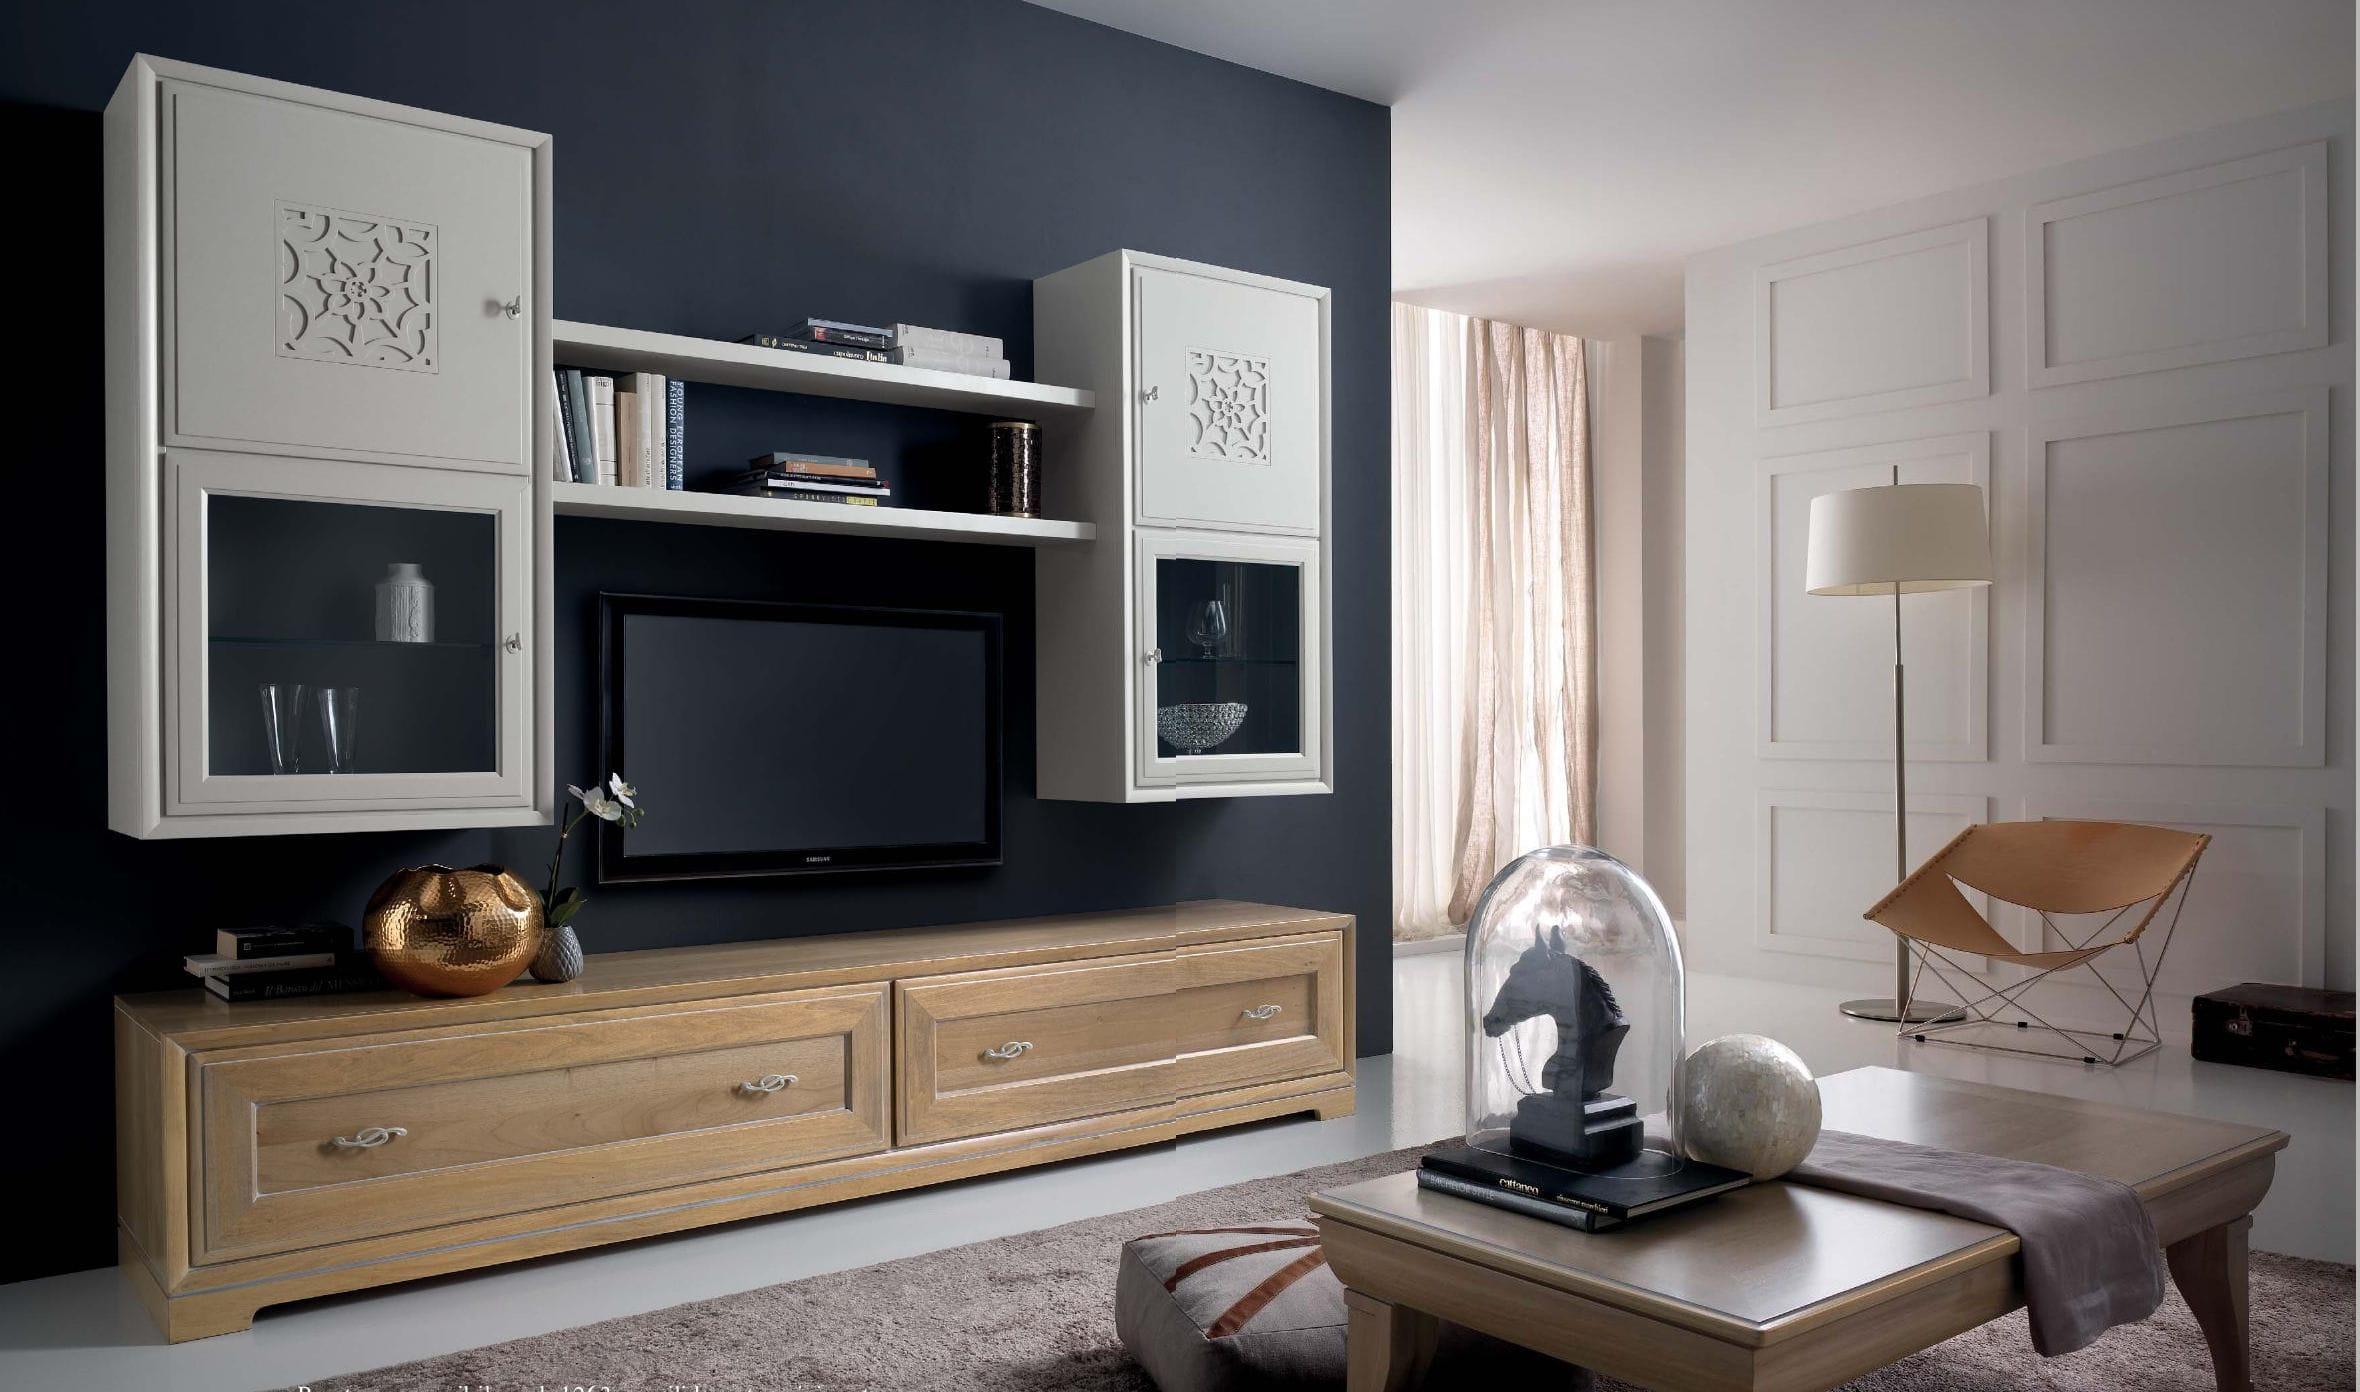 Meuble Tv Contemporain En Bois Noce Natura Stilema # Meuble Tv Contemporain Bois